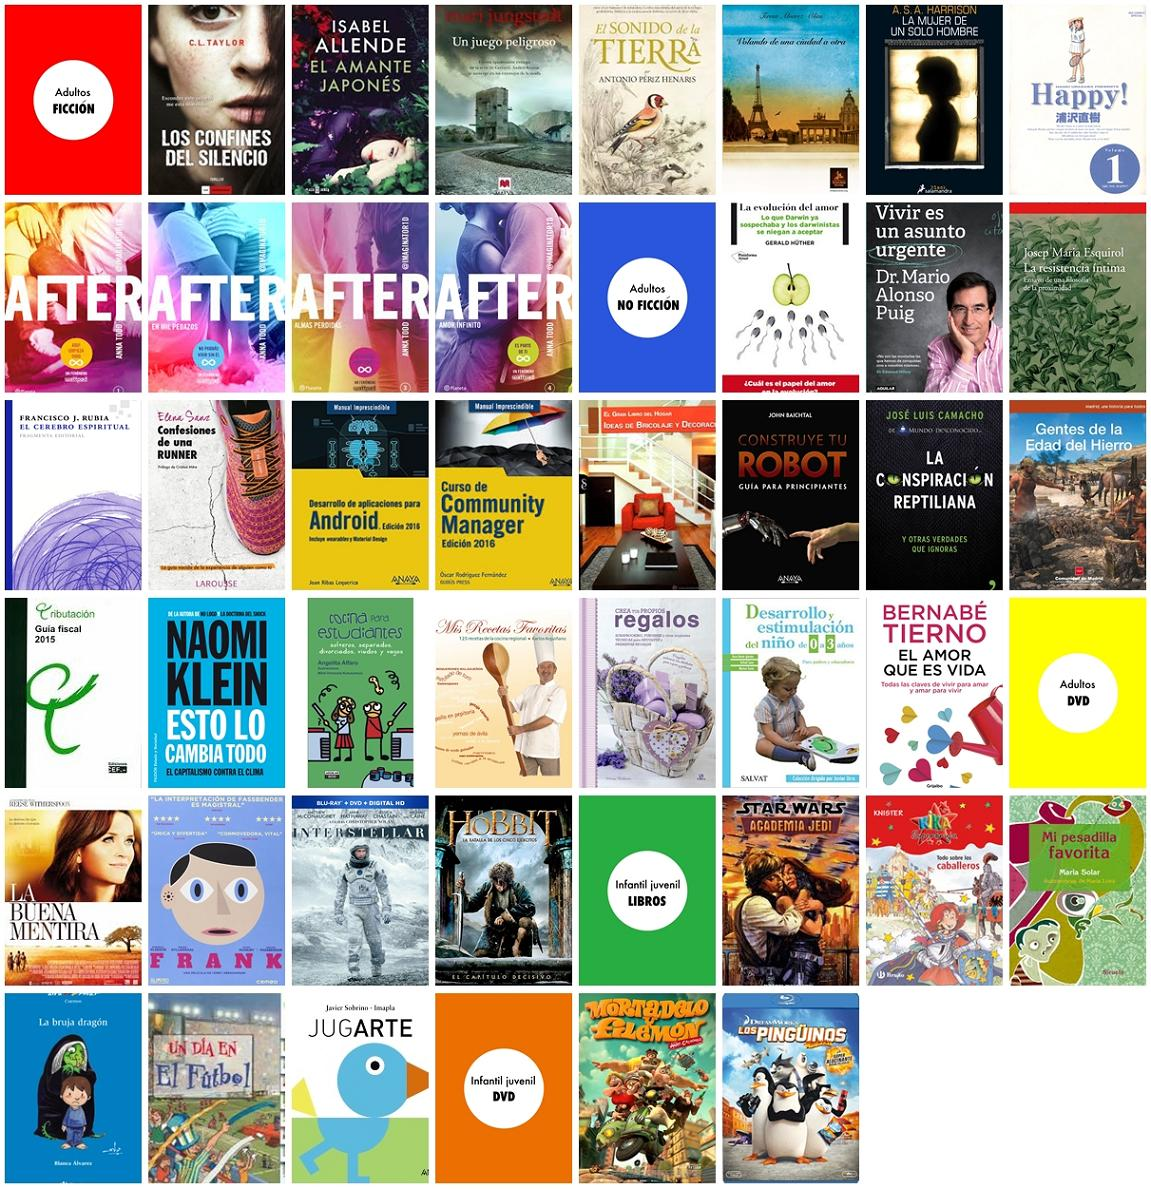 Libros Mas Leidos 2015 Los Libros Mas Vendidos 2015